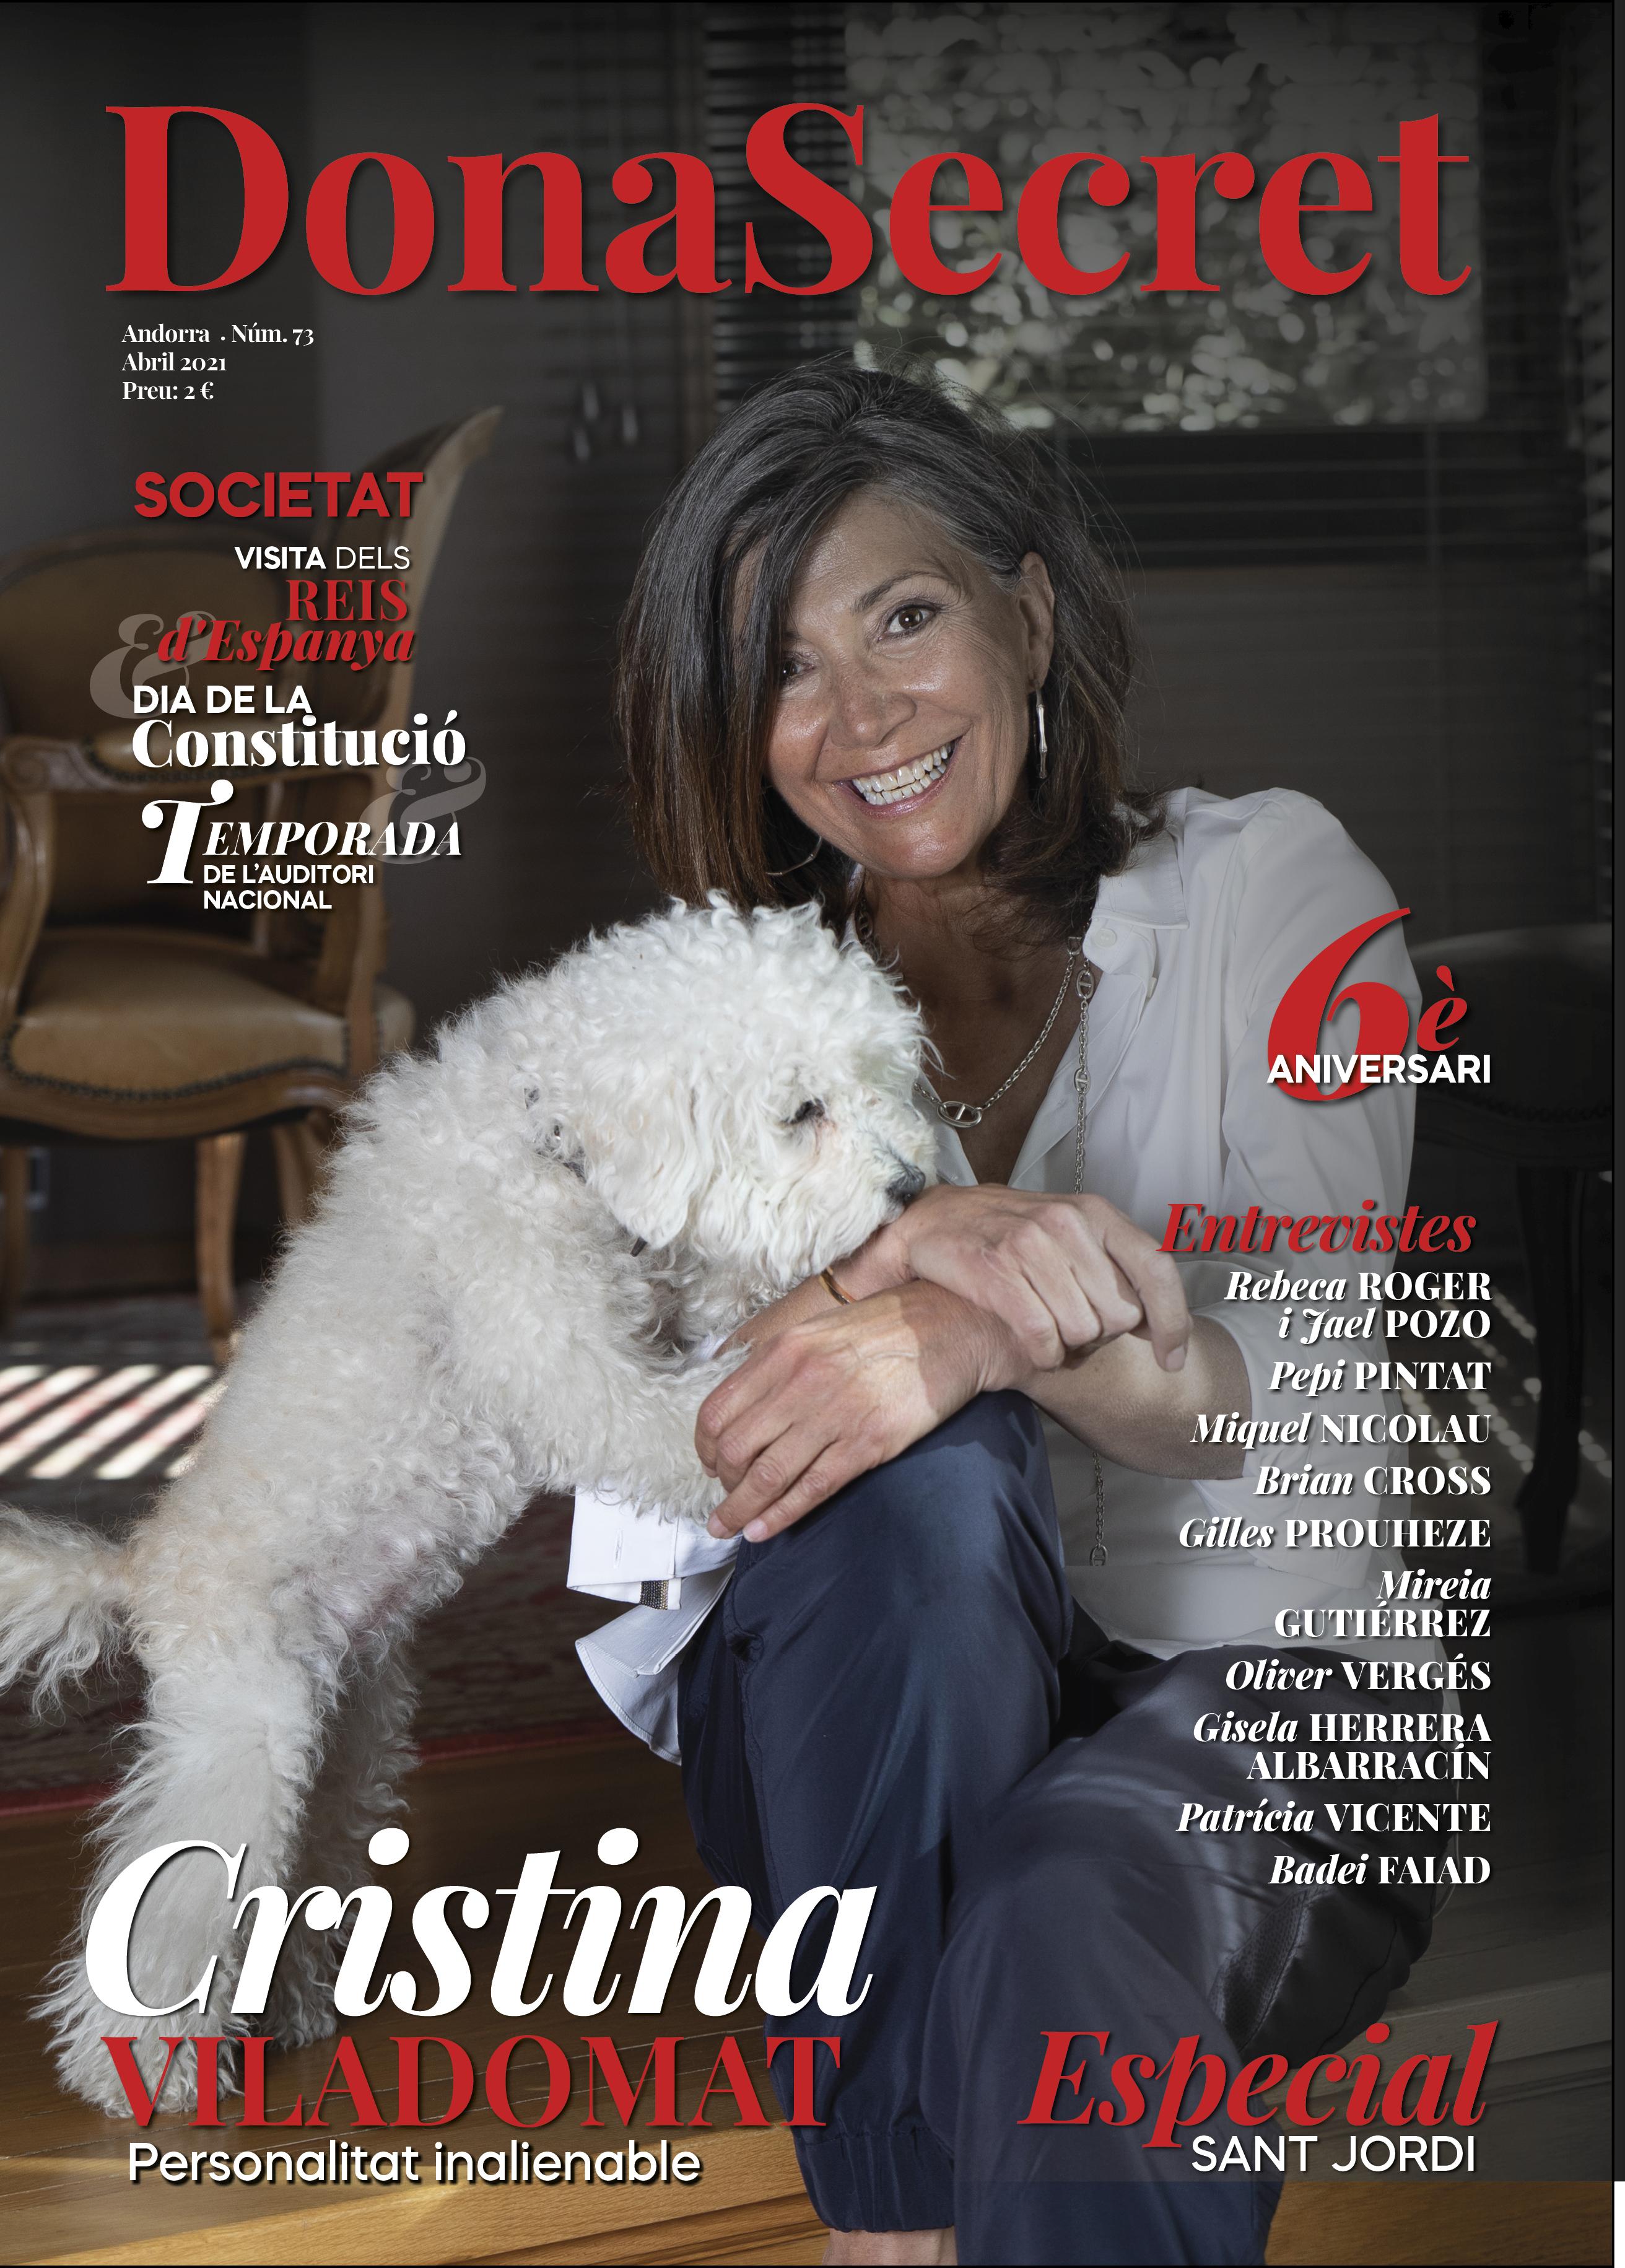 Revista Dona Secret 73 - Abril 2021 - Cristina Viladomat